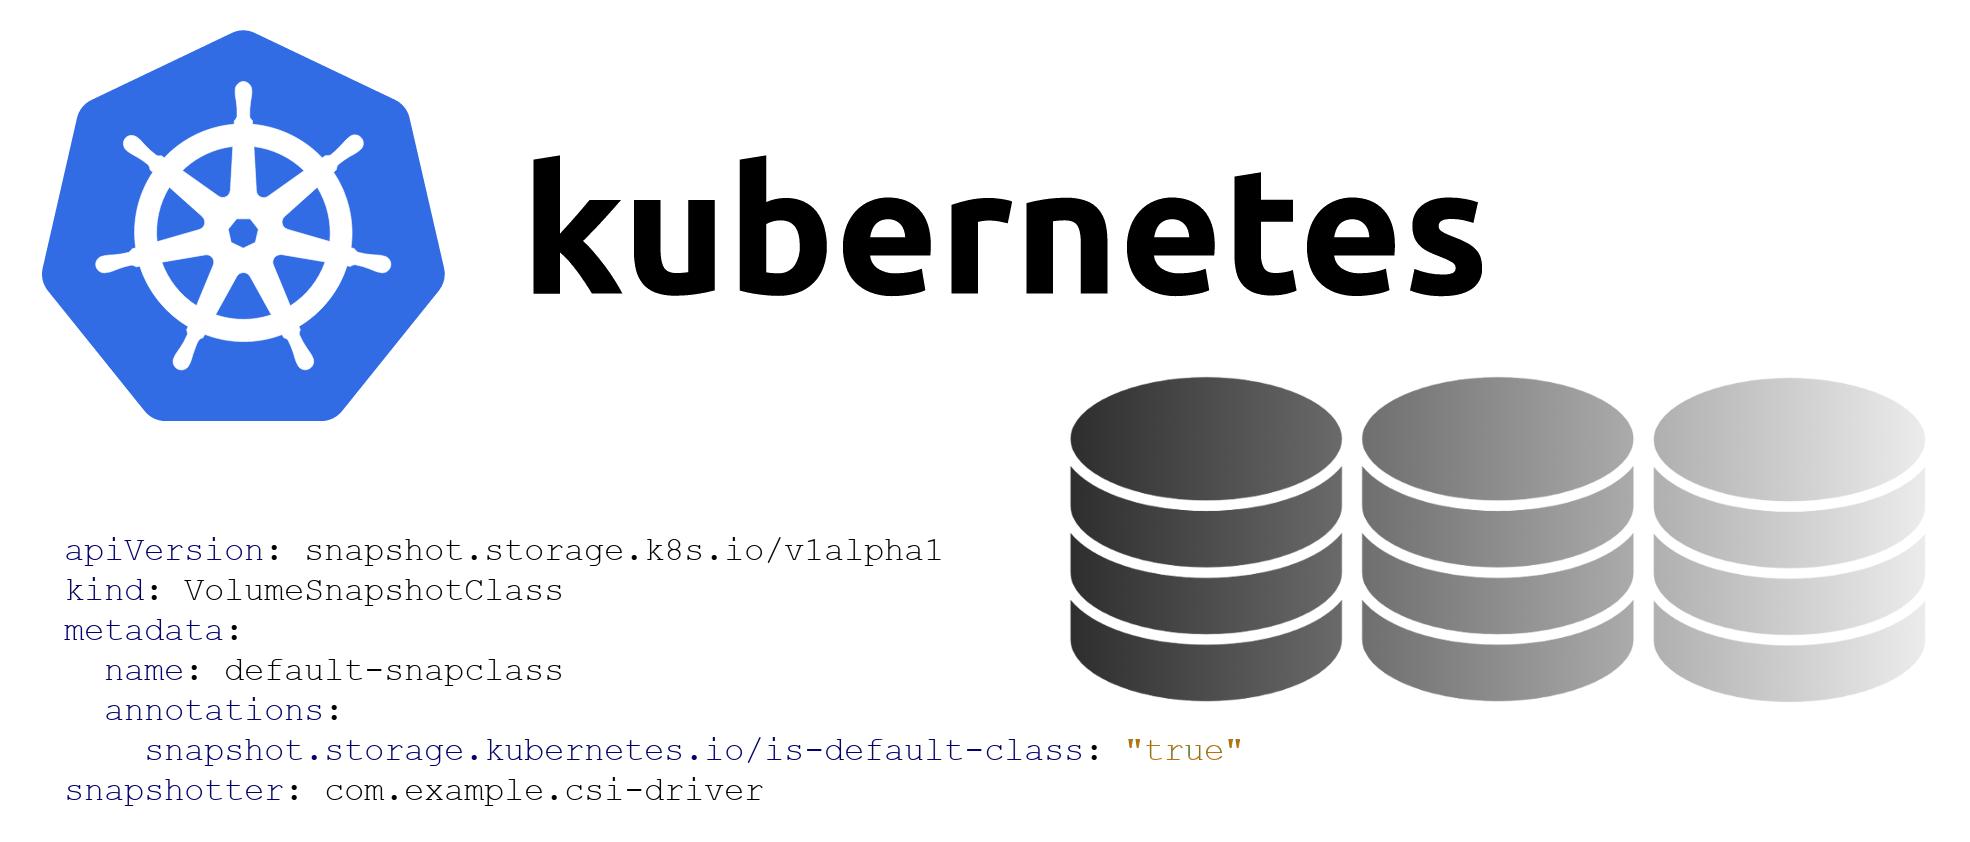 Знакомимся с альфа-версией снапшотов томов в Kubernetes - 1